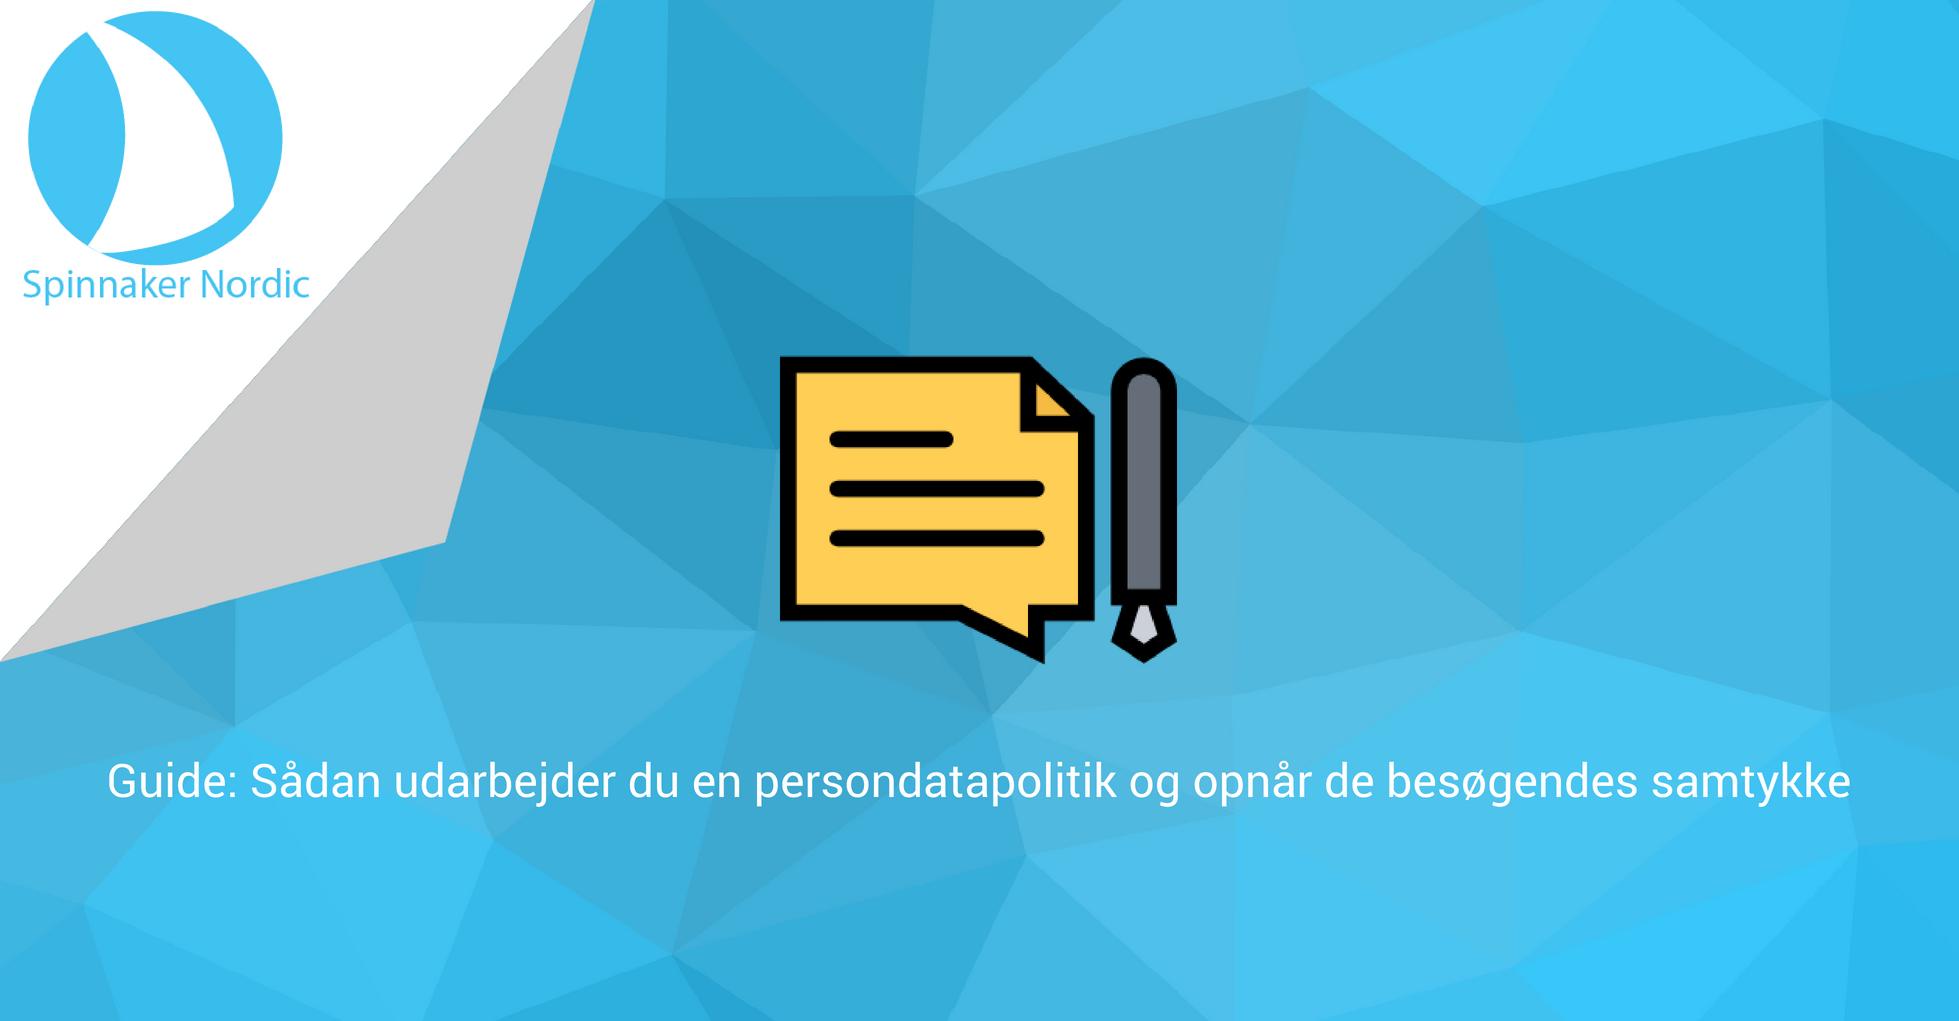 GDPR - Blogindlæg - Sådan udarbejder du en persondatapolitik og opnår de besøgendes samtykke